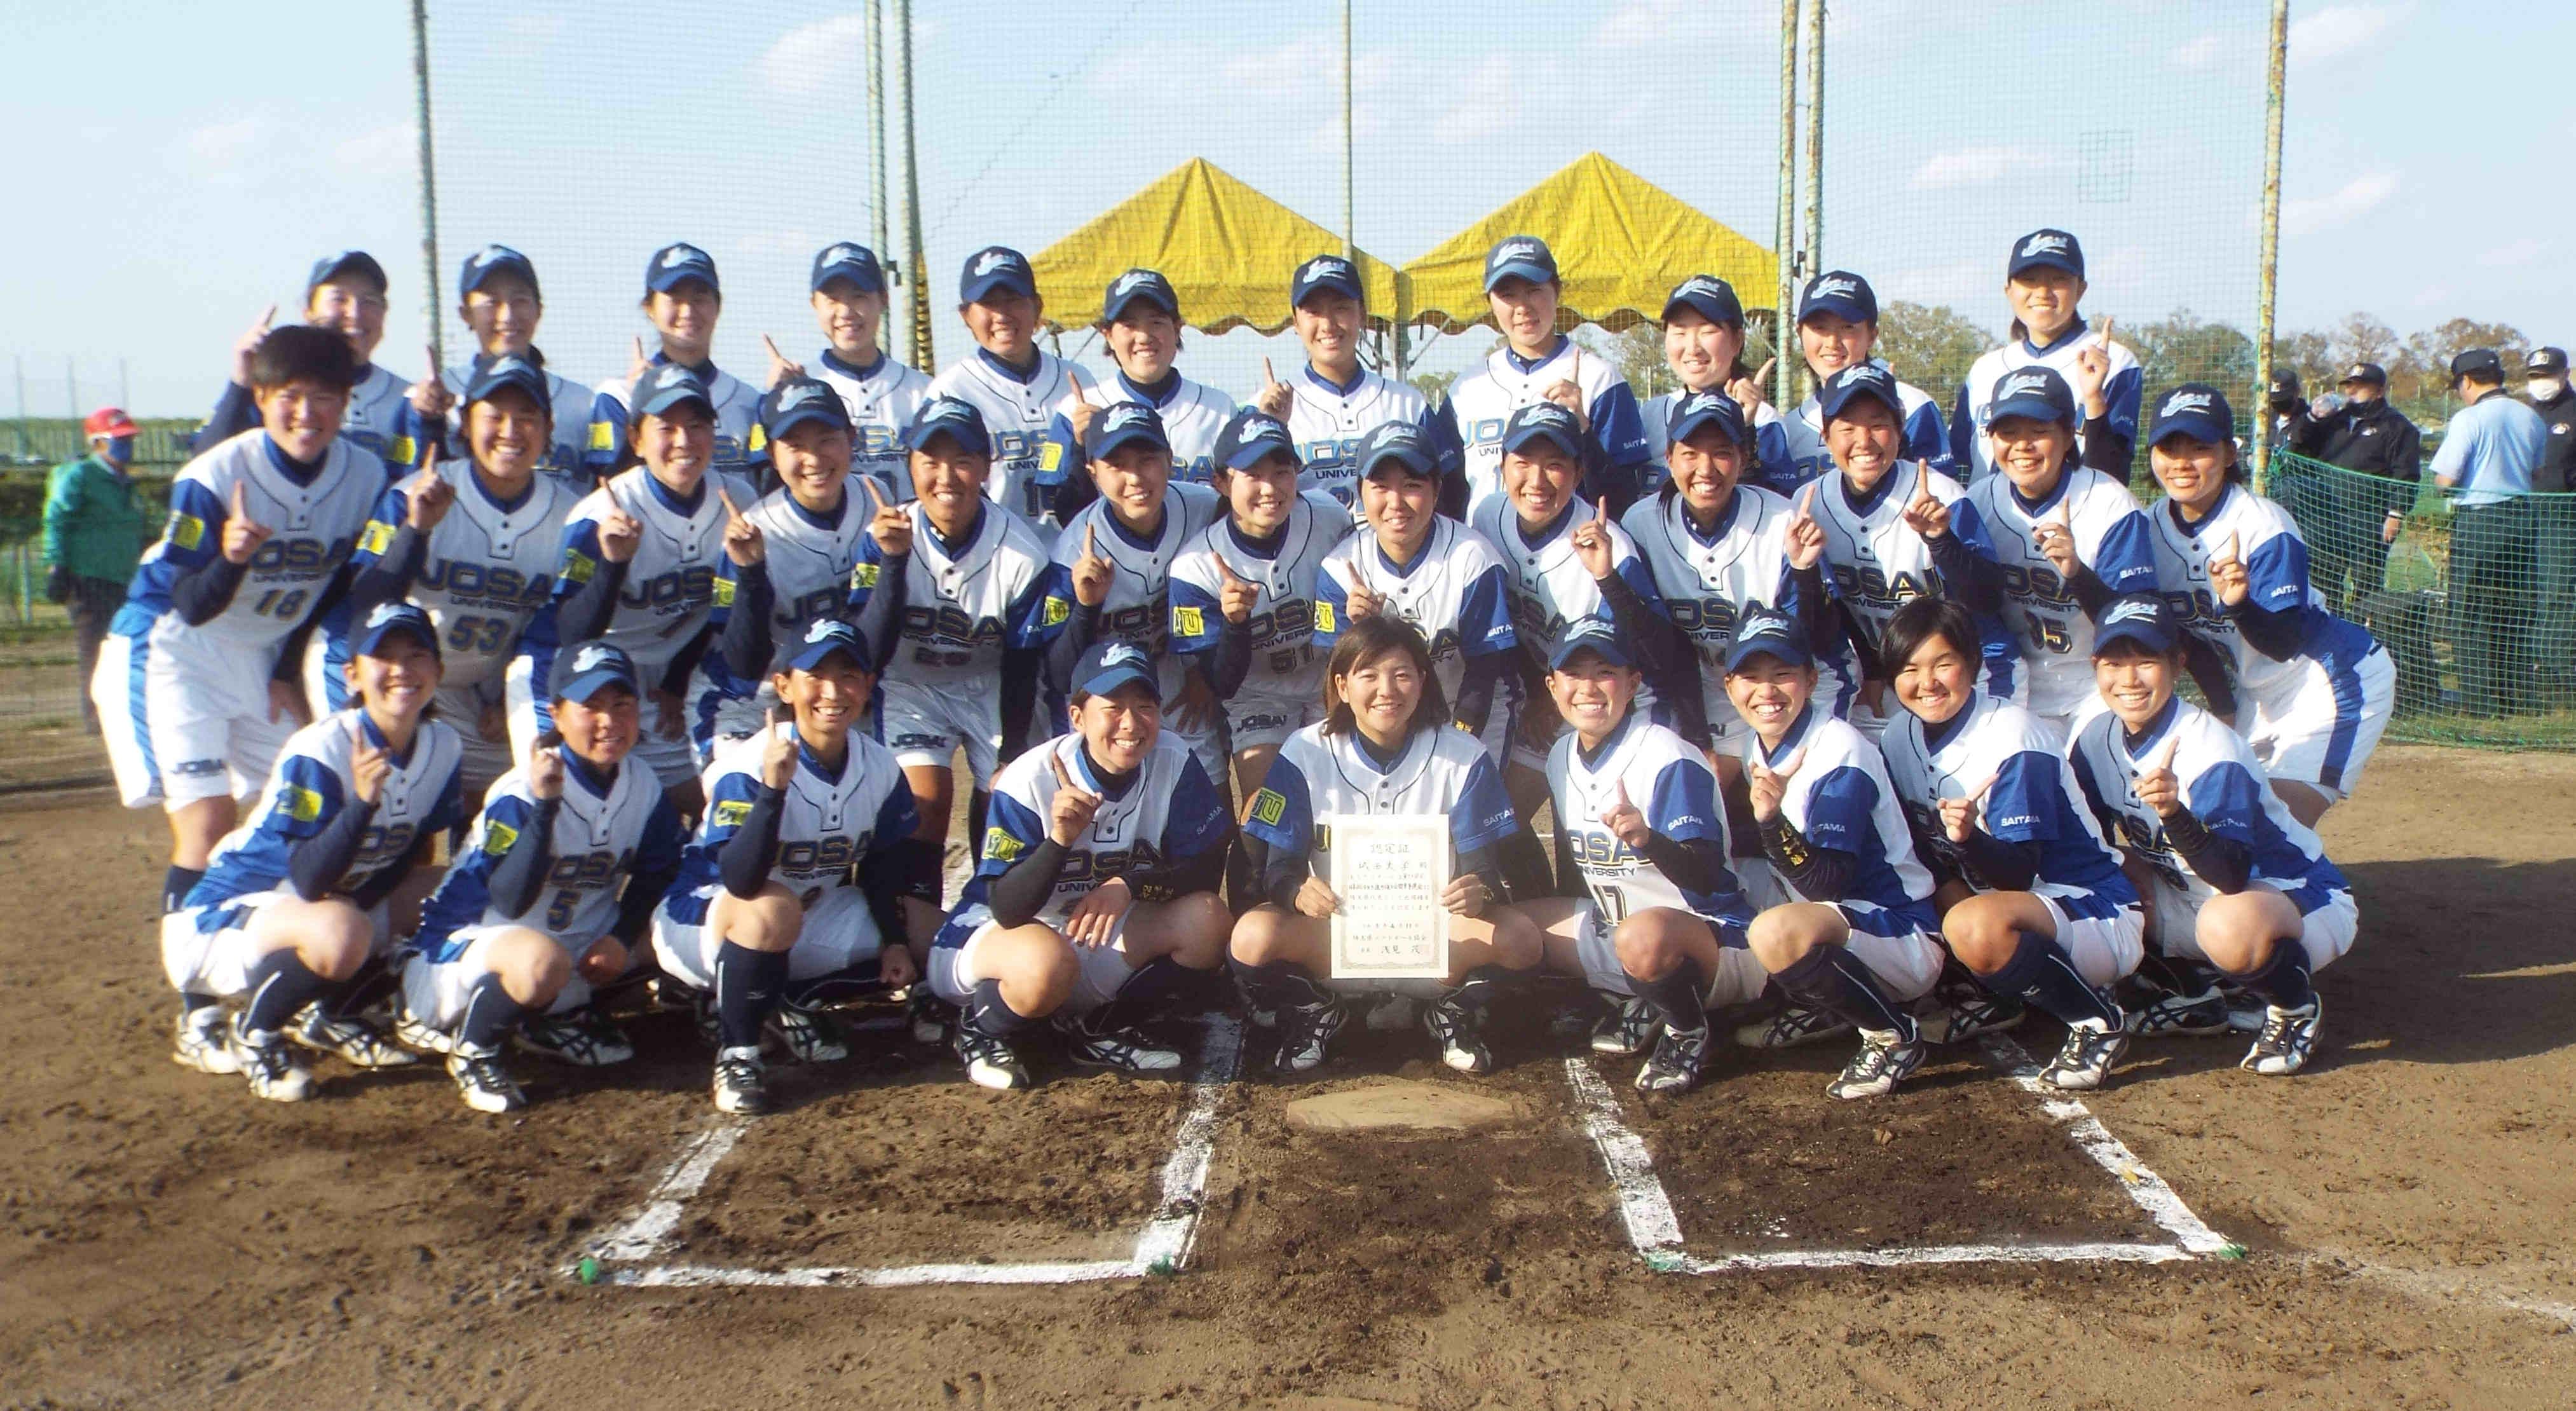 第73回全日本総合女子選手権埼玉県予選会_結果